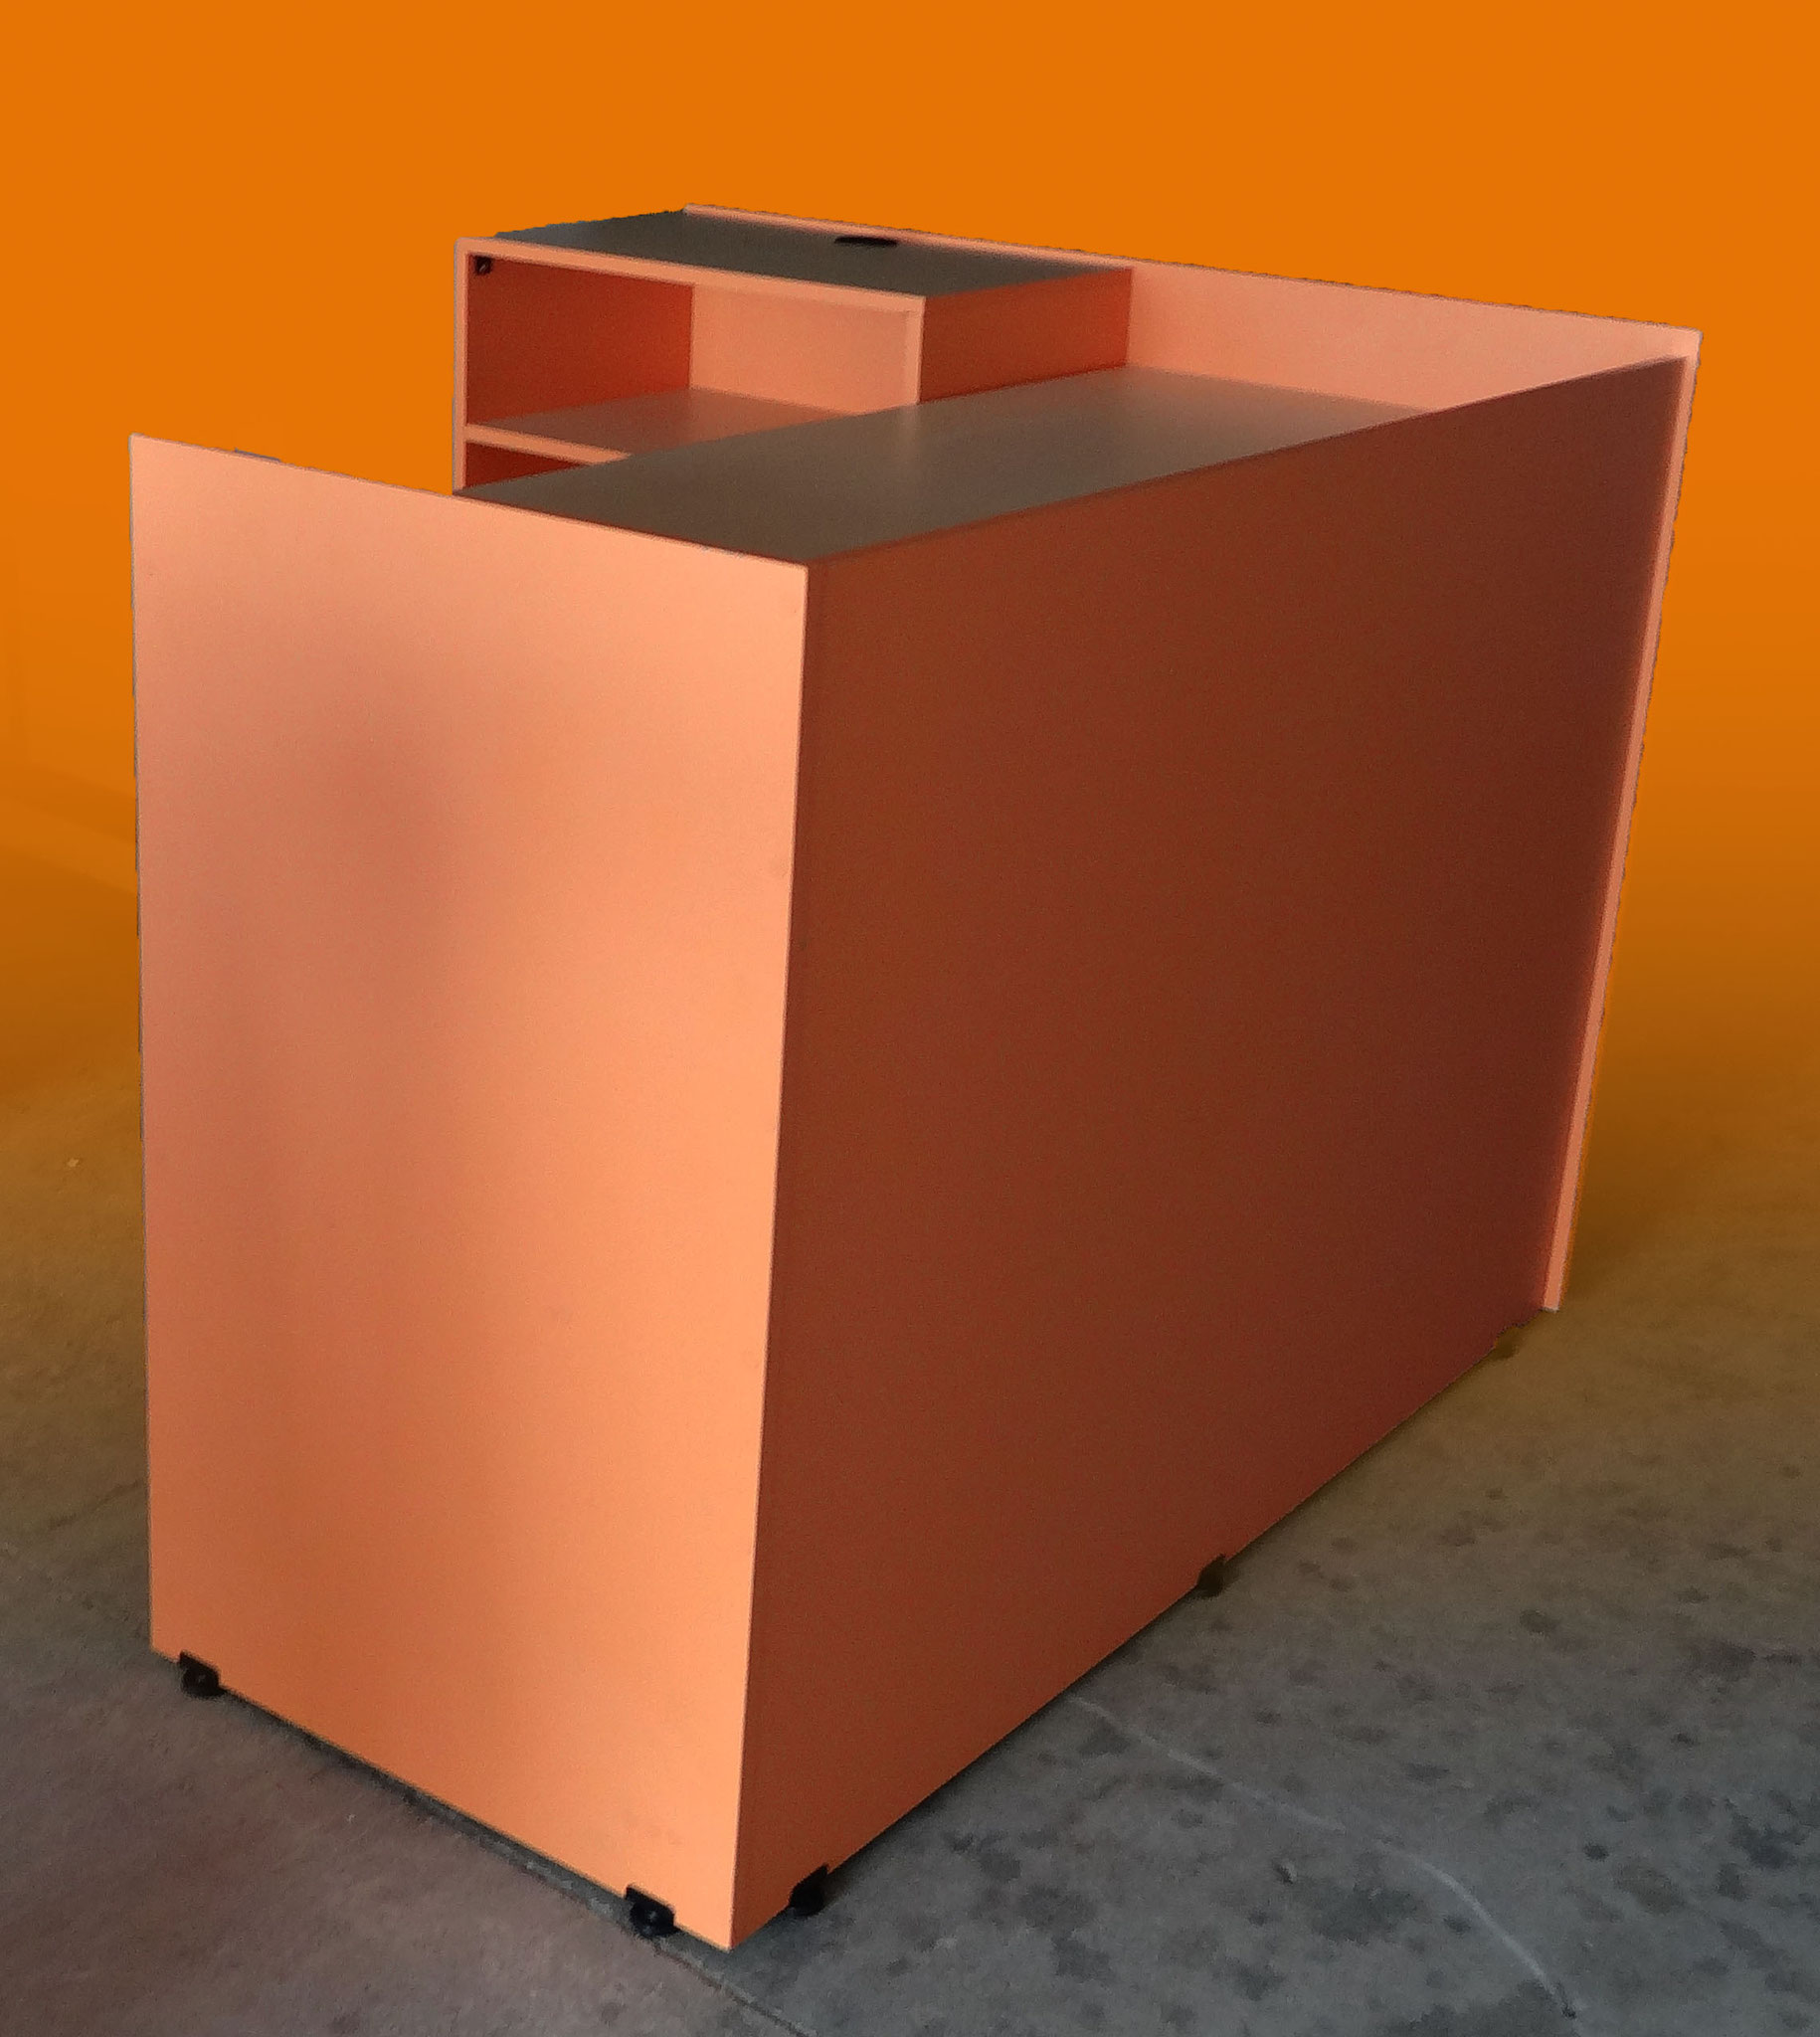 Fabricacion de muebles en melamina econobazar for Curso de fabricacion de muebles de melamina